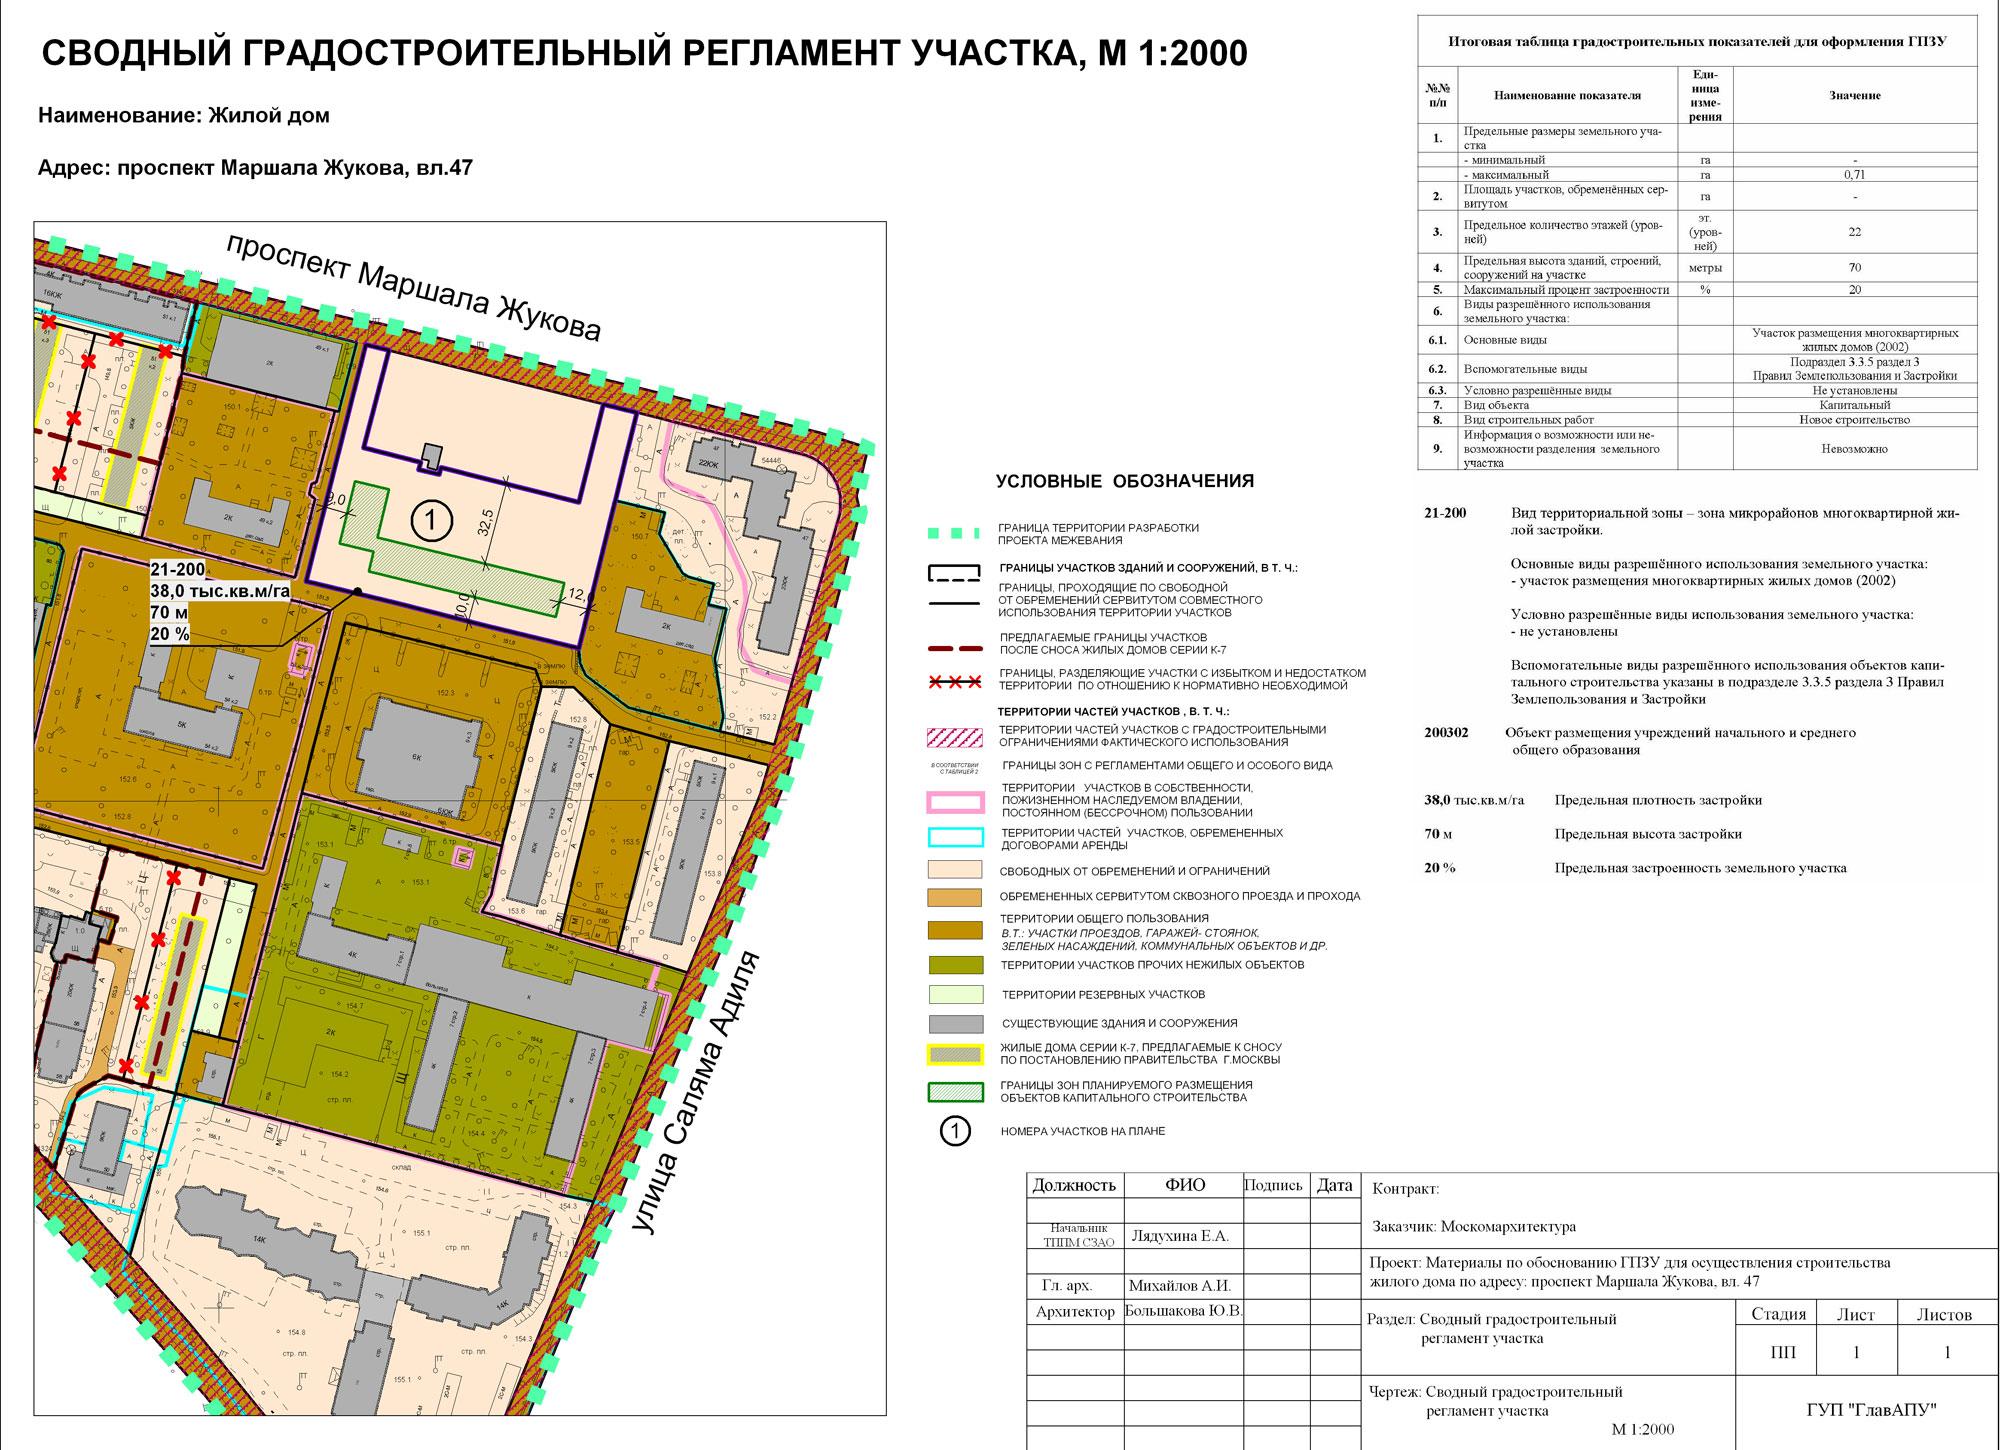 градостроительный регламент не распространяется на земельные участки